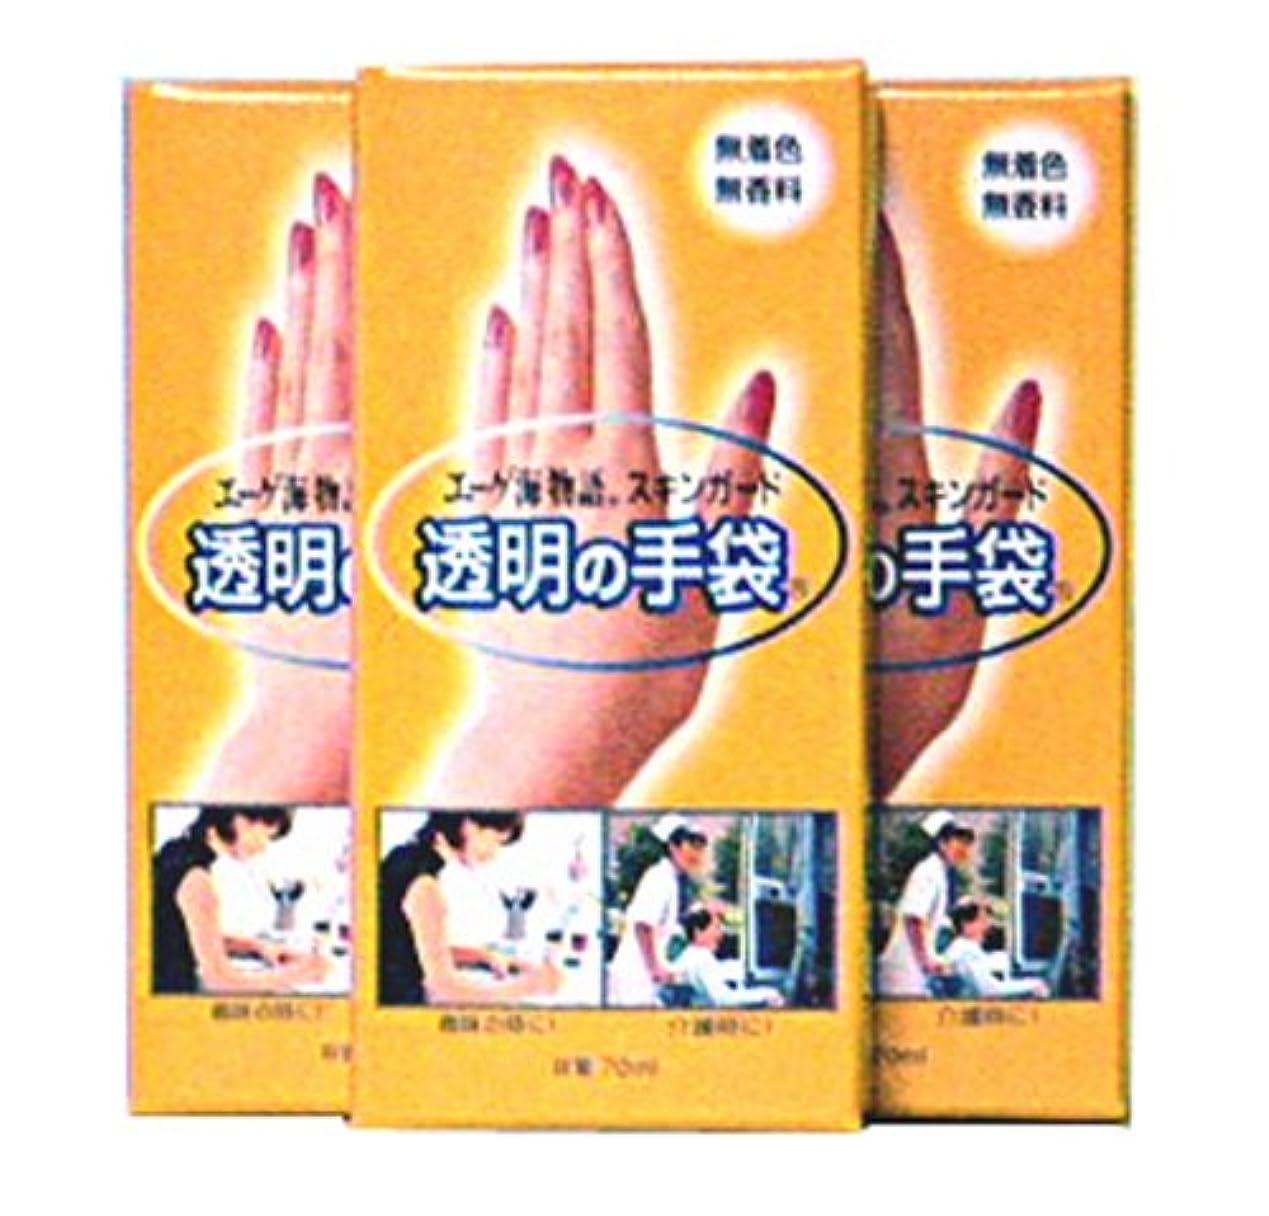 悪行タイト磨かれたエーゲ海物語スキンガード透明の手袋 3コセット